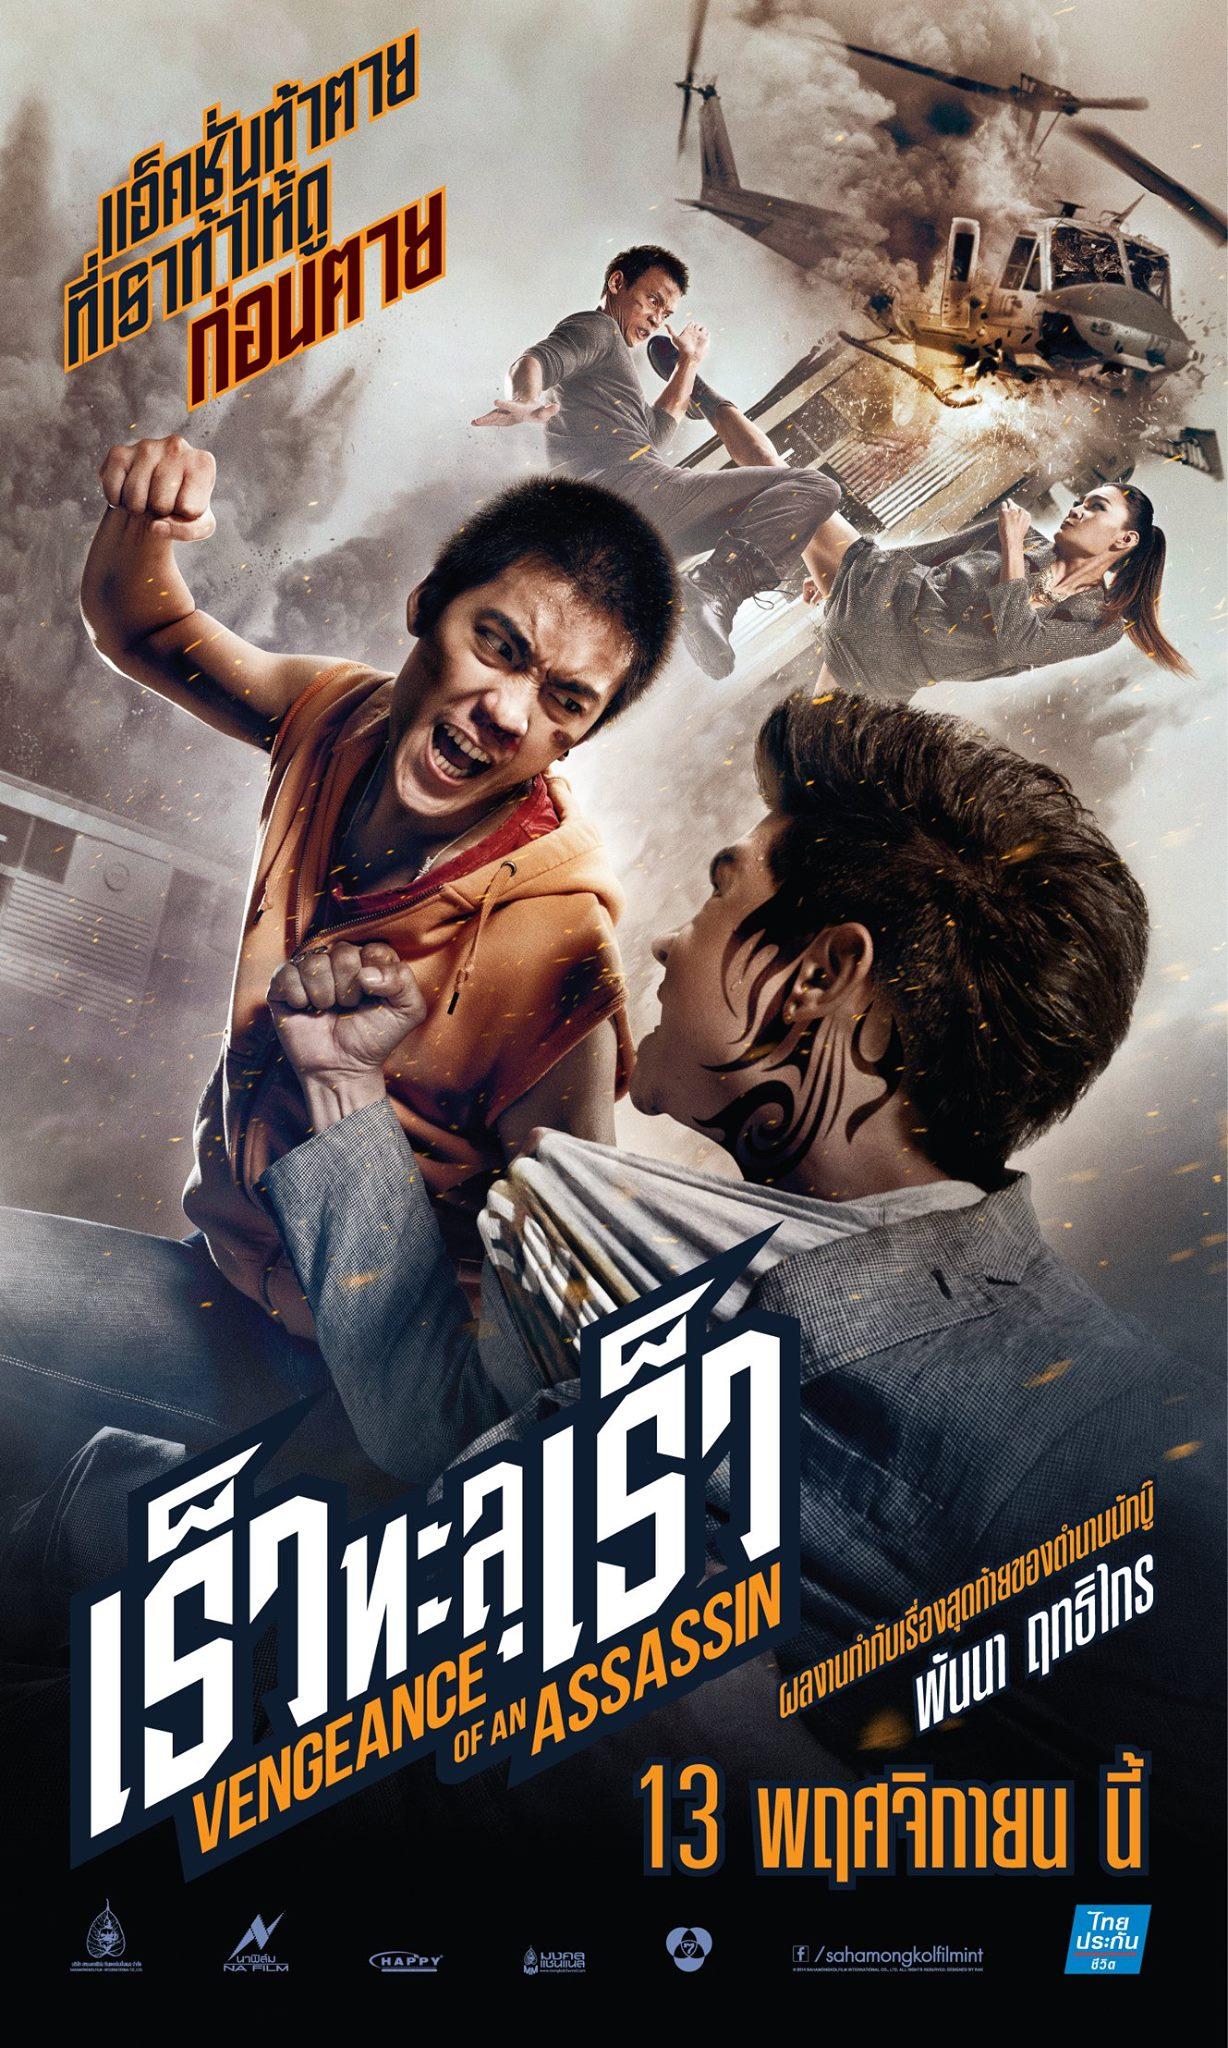 VENGEANCE OF AN ASSASSIN (2014) review | Asian Film Strike